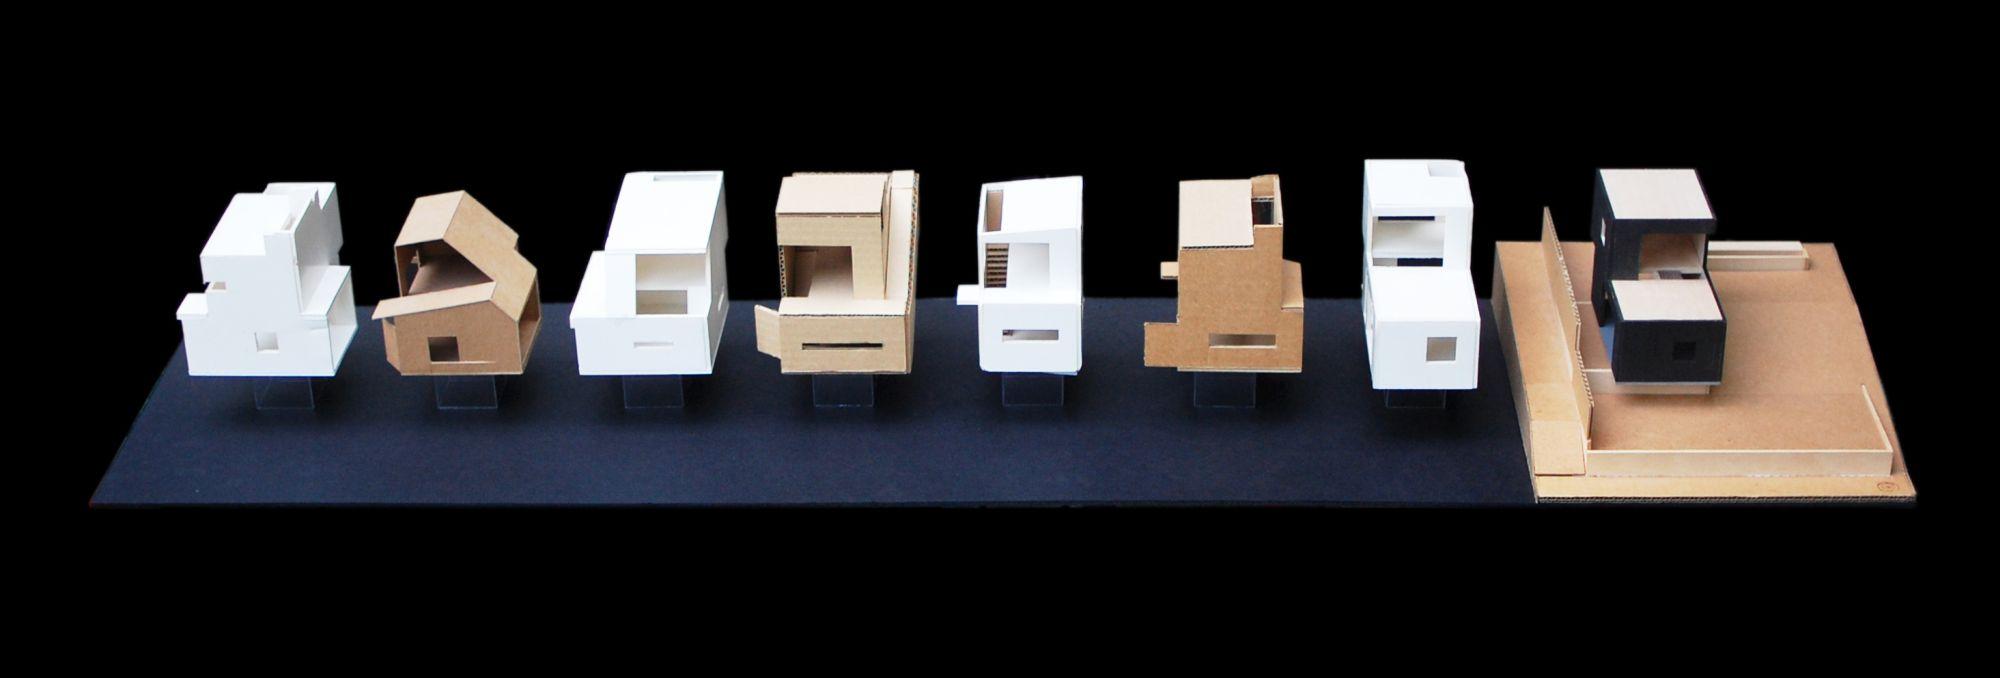 Pop-out Studio / Hutchison & Maul Architecture